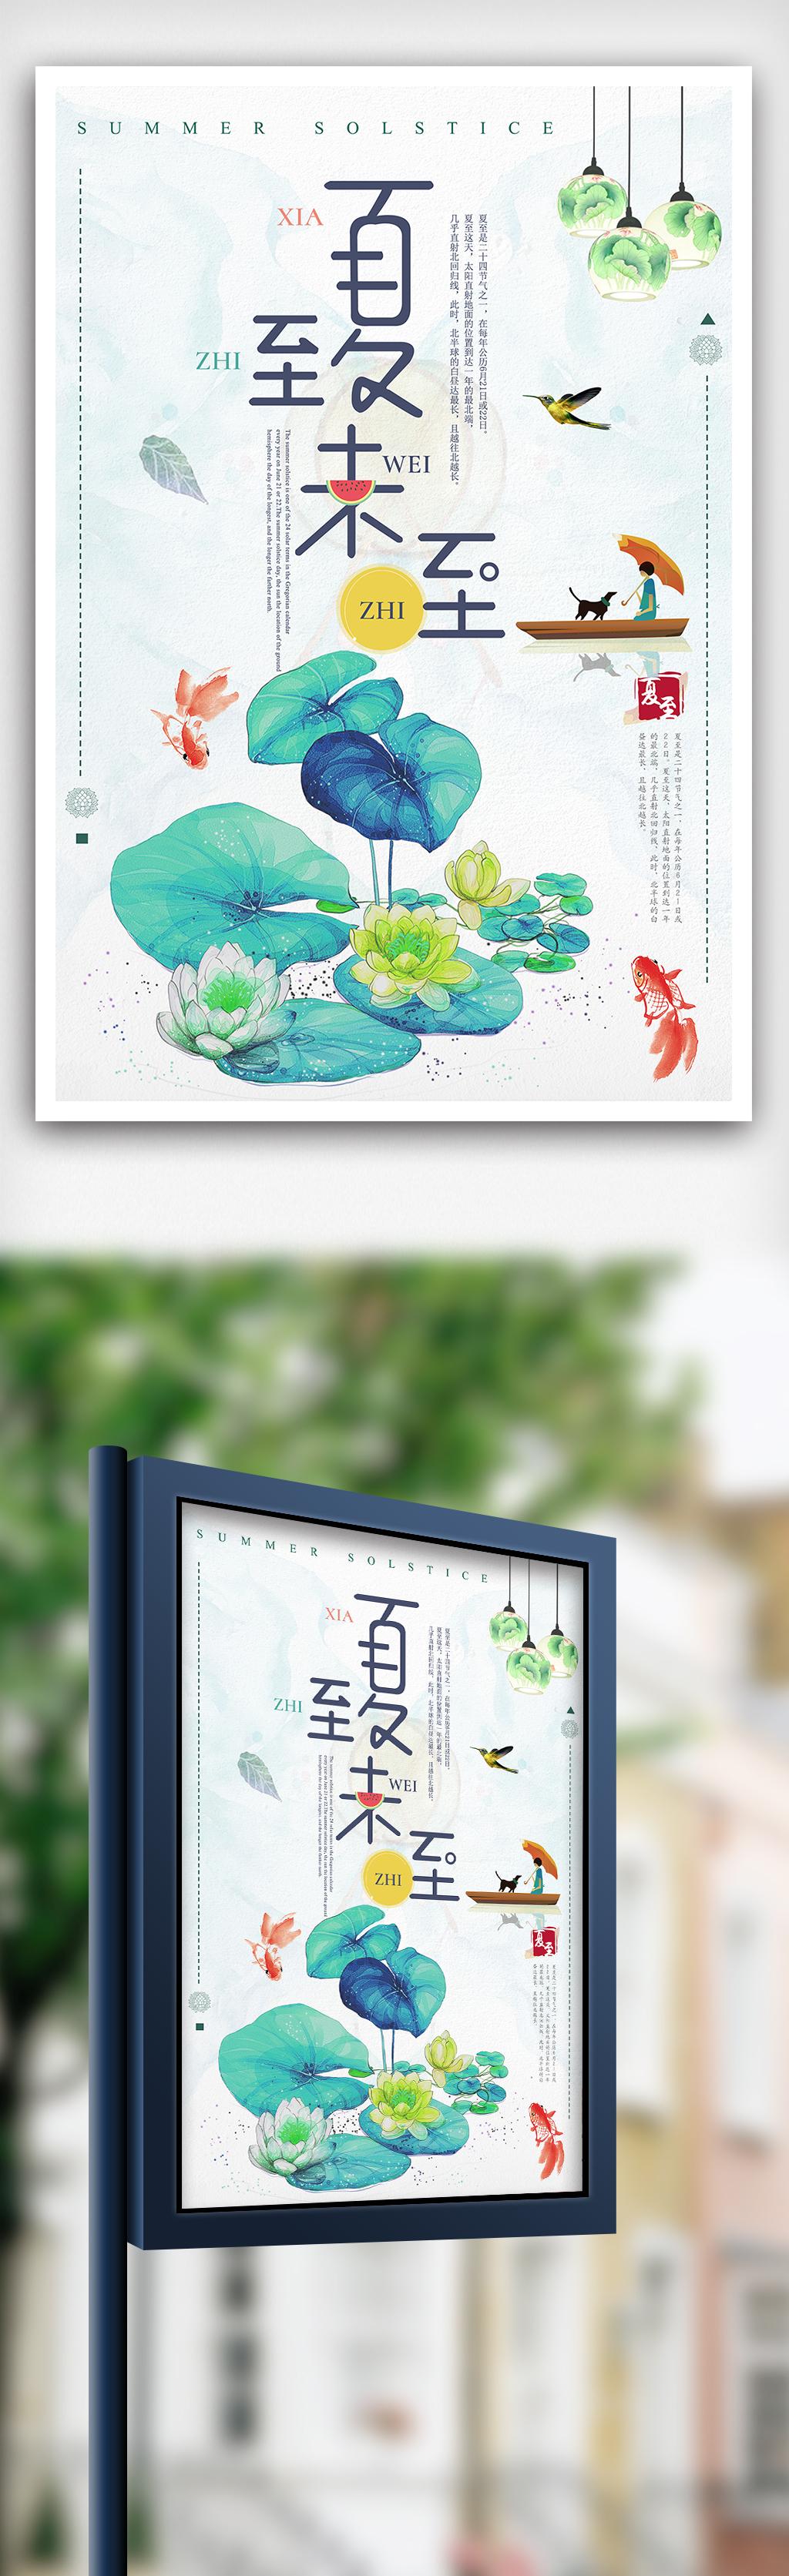 插画手绘风格节气海报夏至